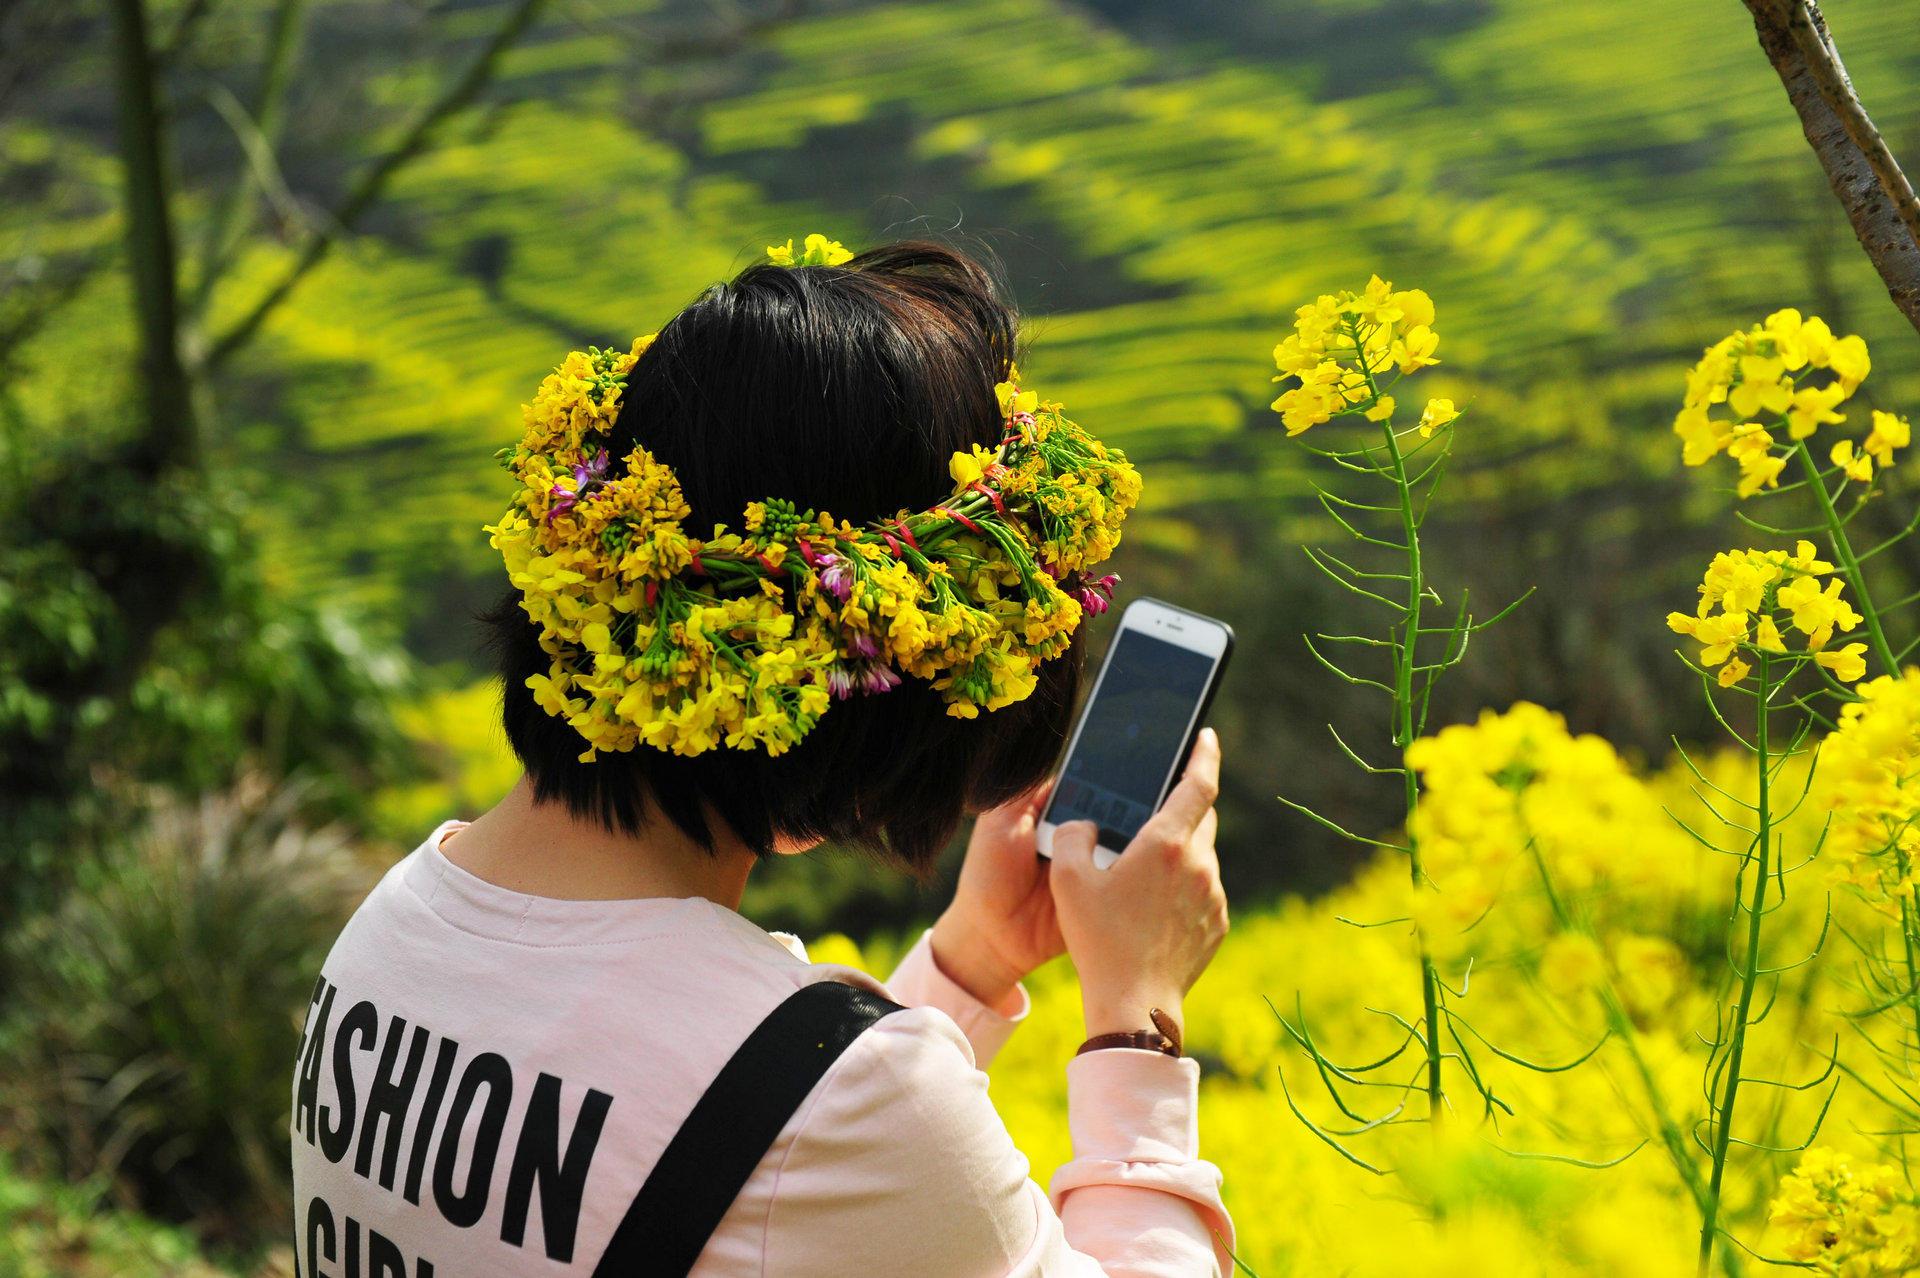 篁岭:春天引万人涌入,是人间,还是天堂 - 淡雅~如菊 - 淡雅`如菊 ⌒_⌒ 爱摄影 爱生活